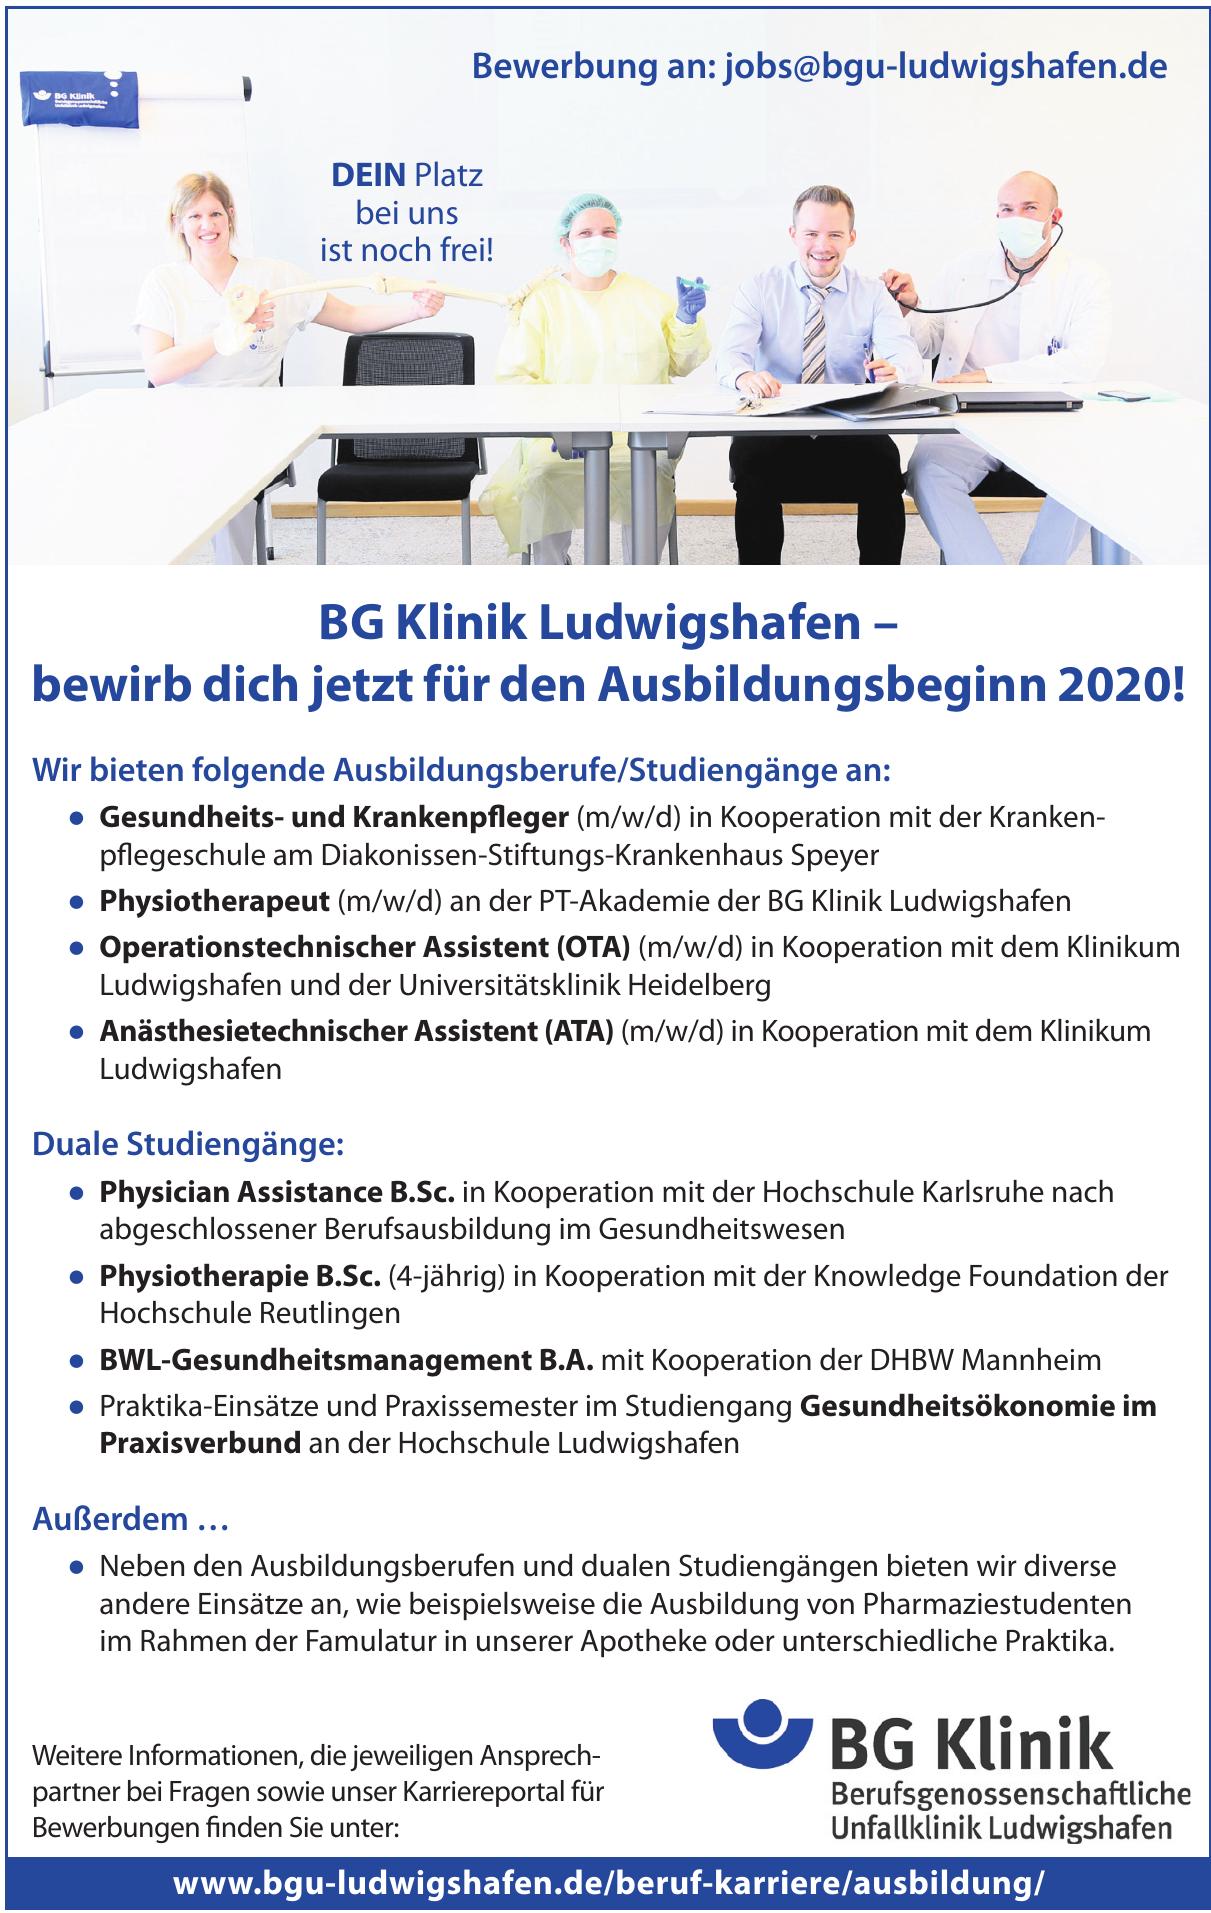 BG Klinik Berufsgenossenschafliche Unfalklinik Ludwigshafen